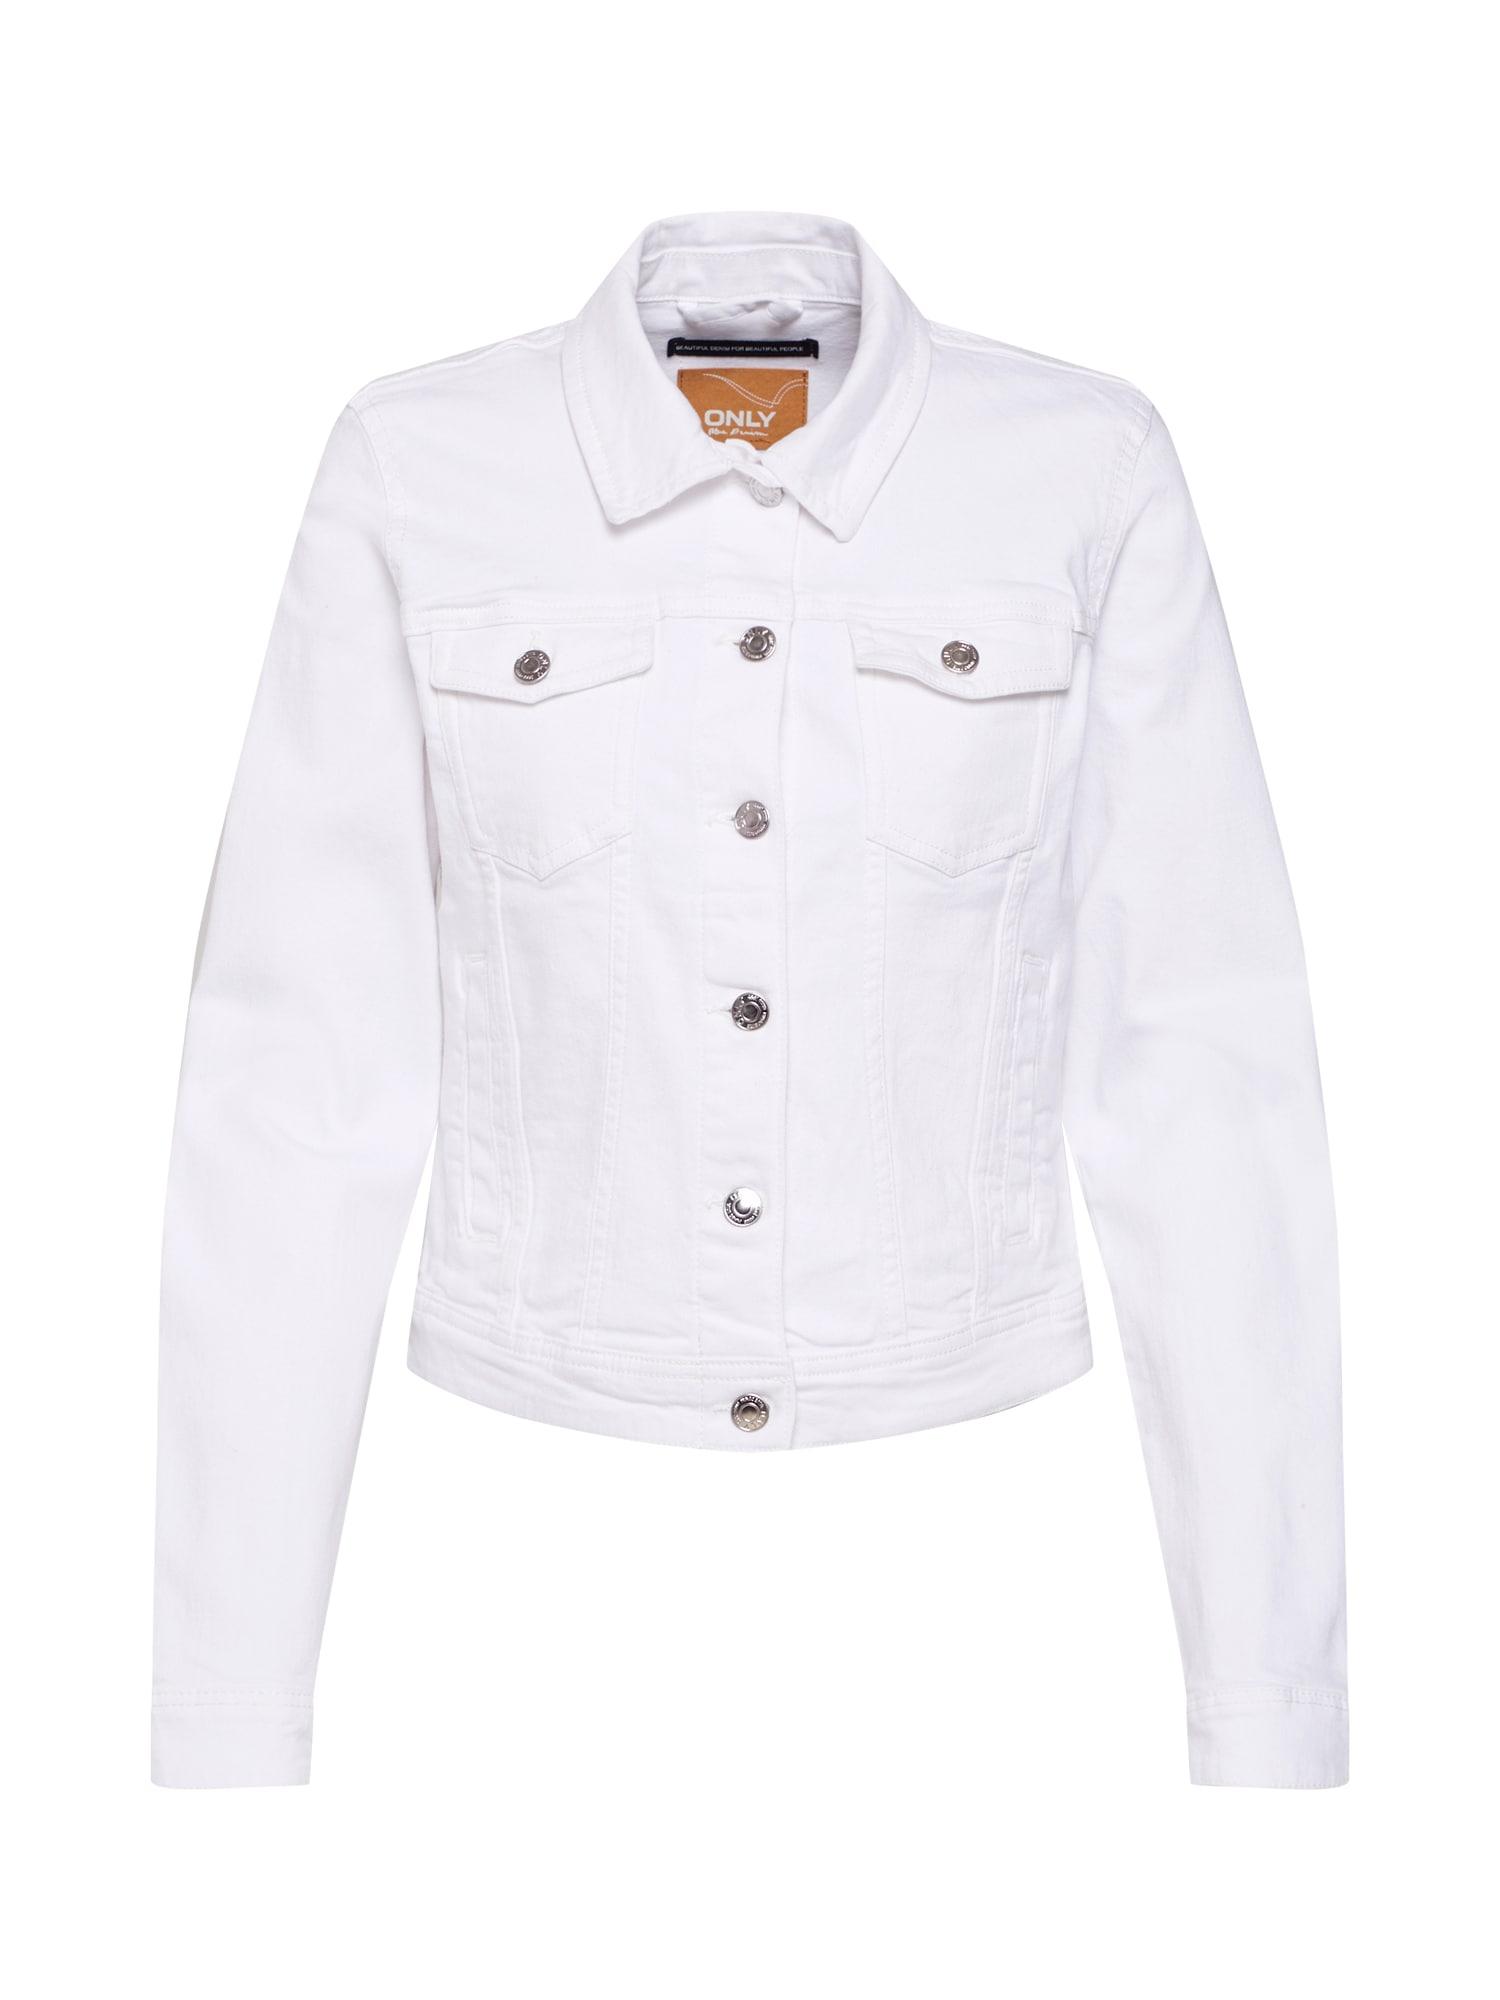 ONLY Demisezoninė striukė 'Tia' balto džinso spalva